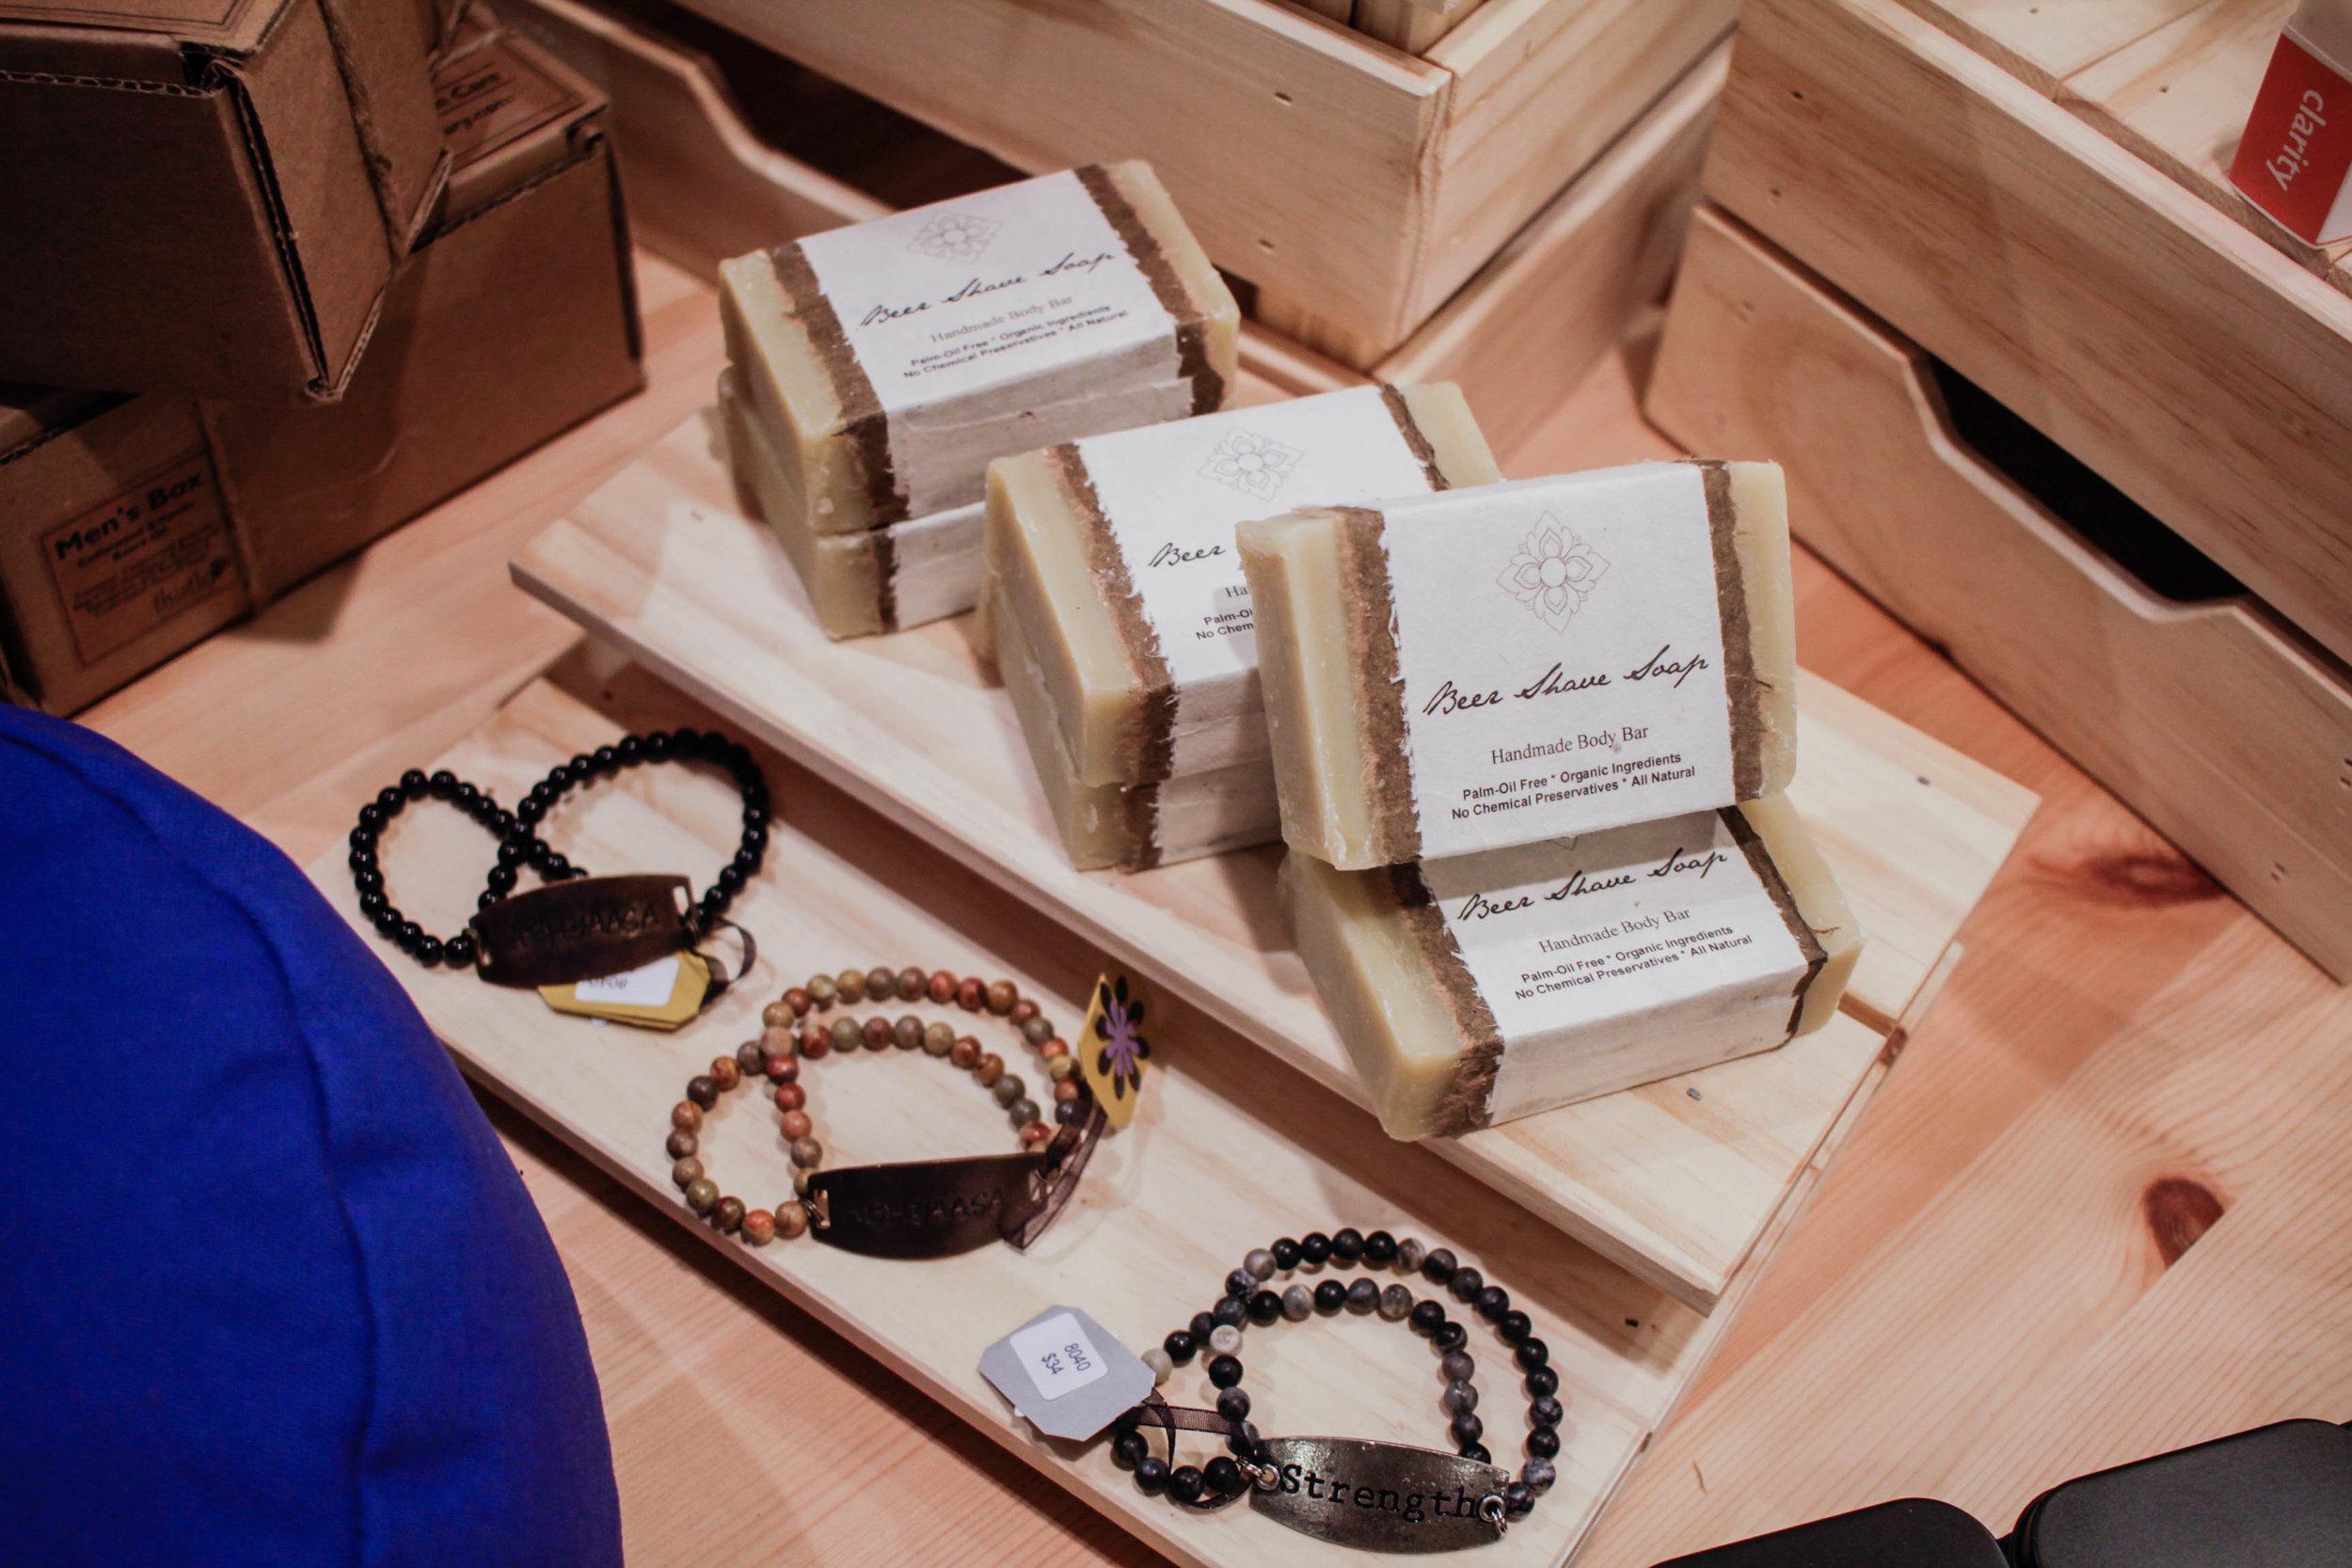 Soap and Bracelets